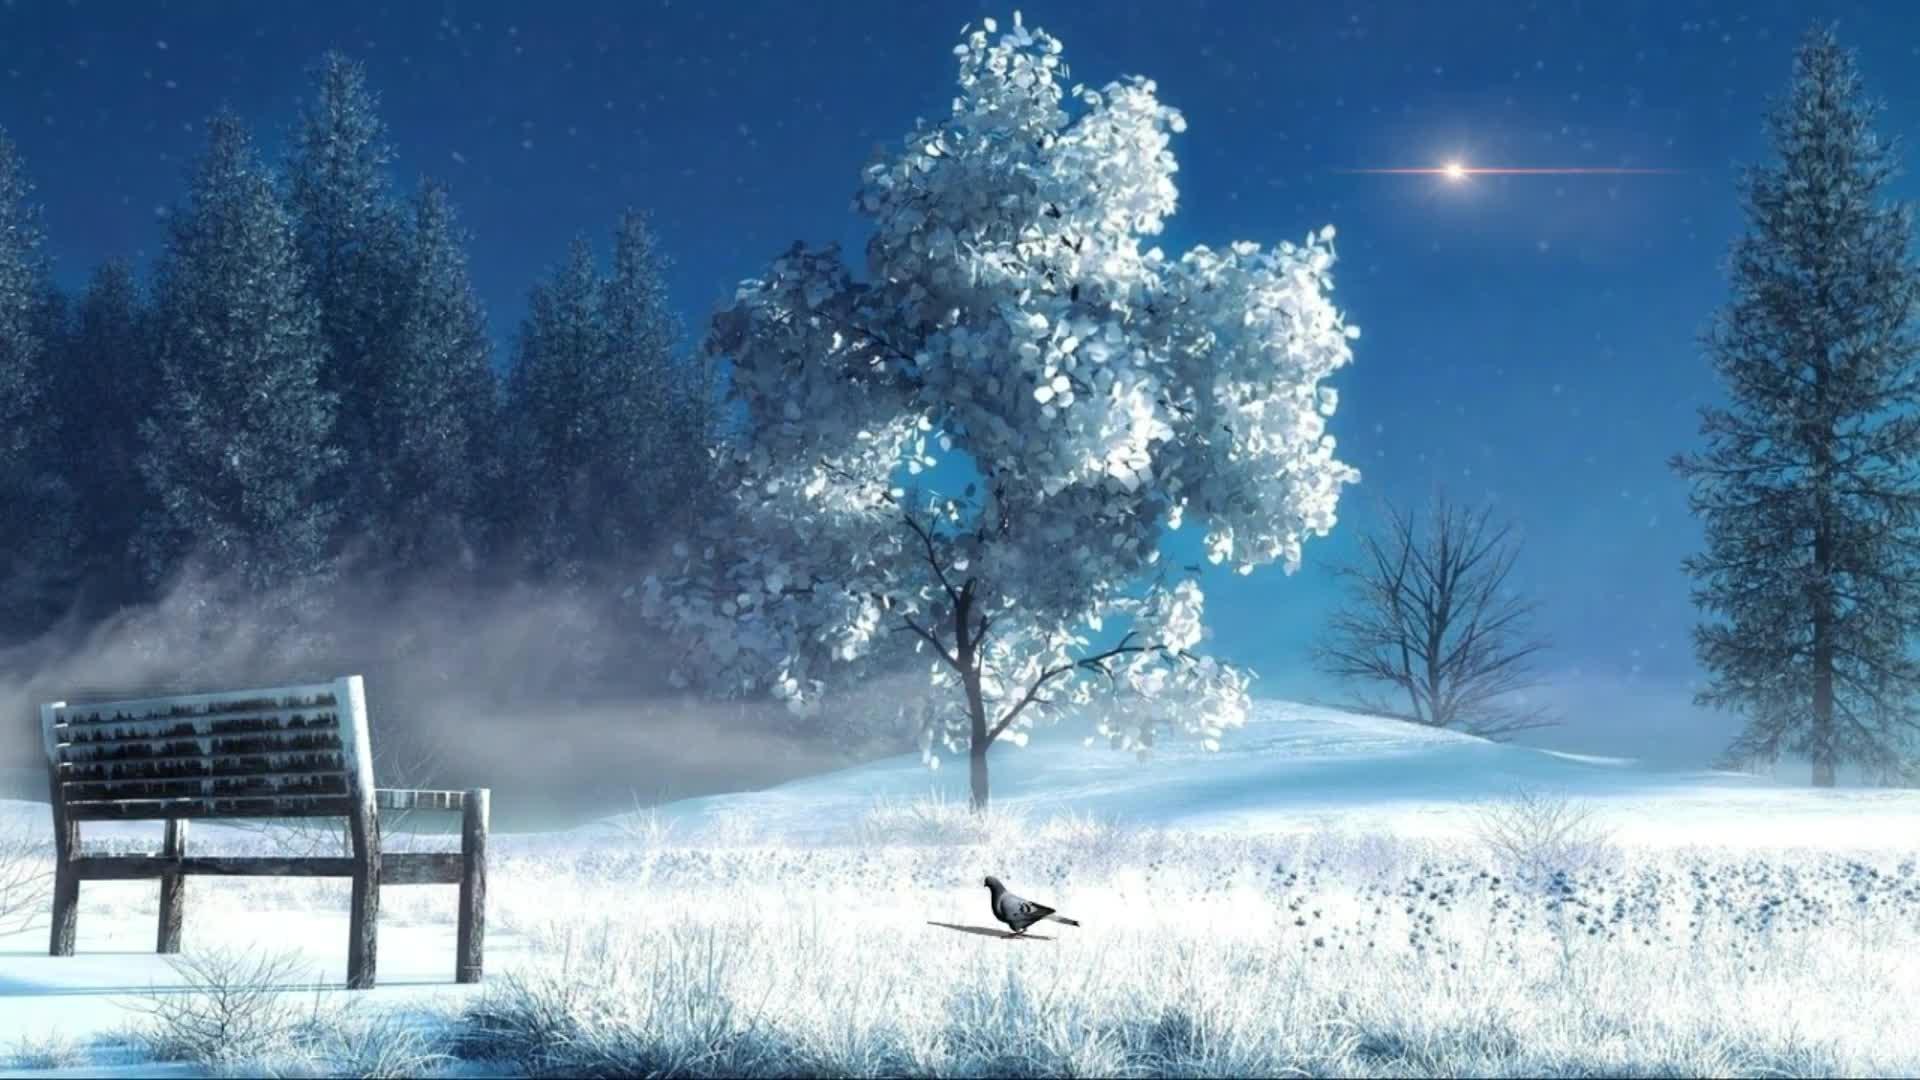 唯美浪漫冬季雪景夜景视频素材